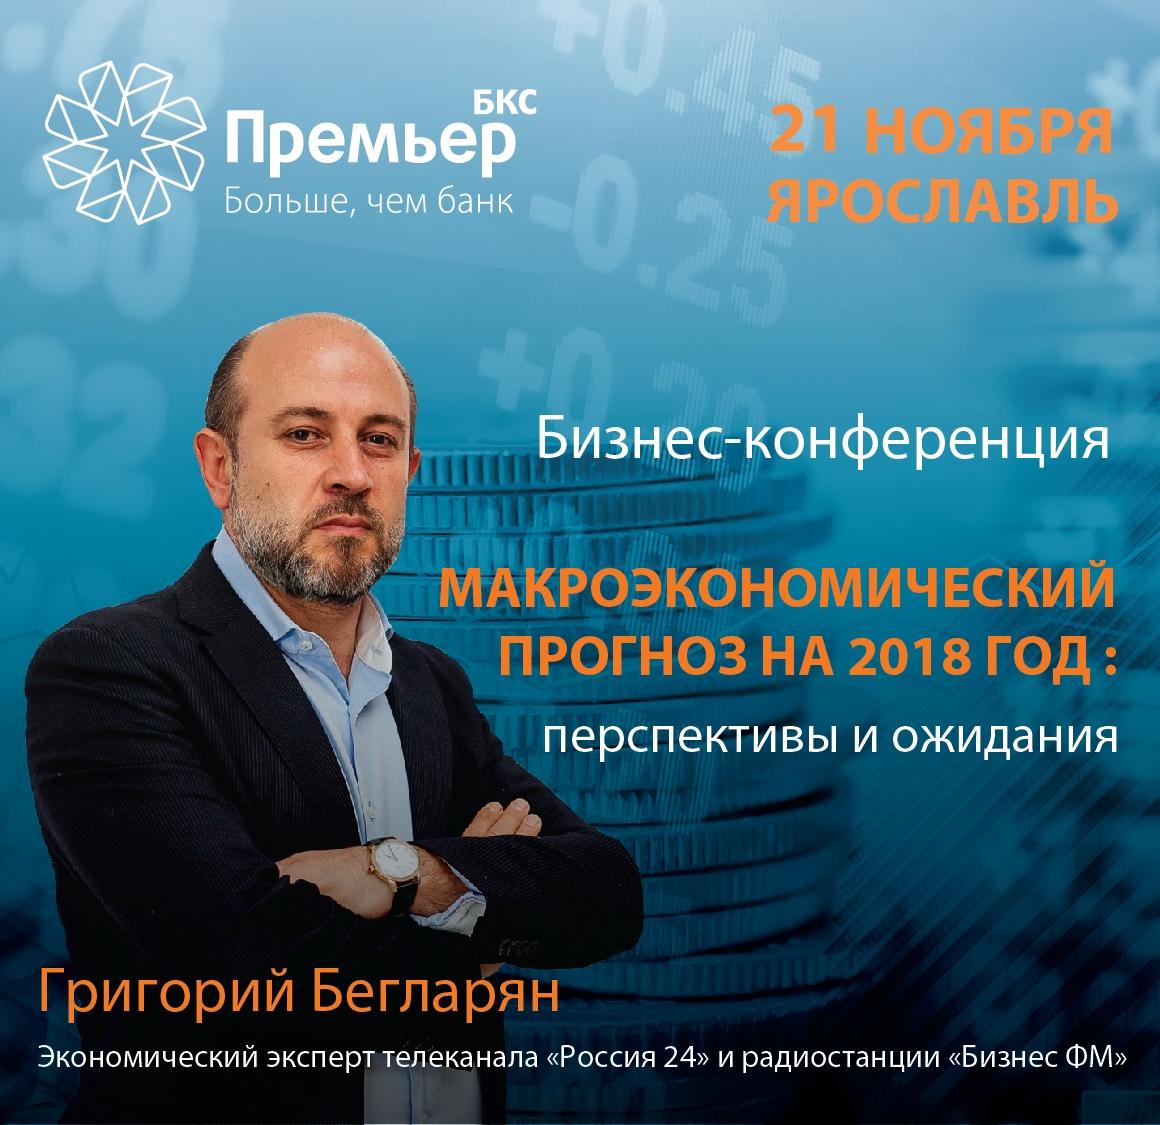 Конференция БКС 21.11.2017